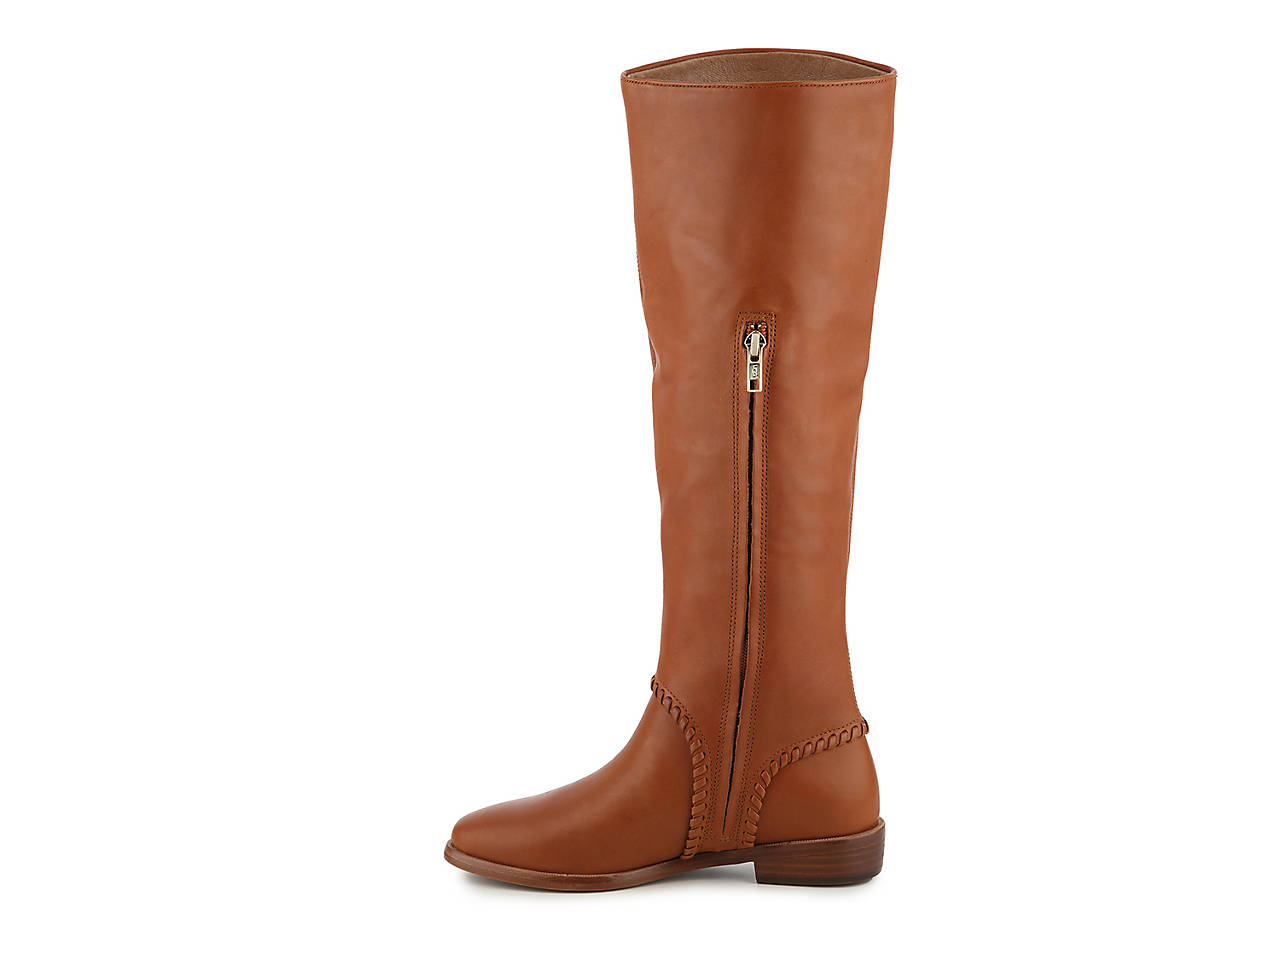 d5bce23cb5a Gracen Boot